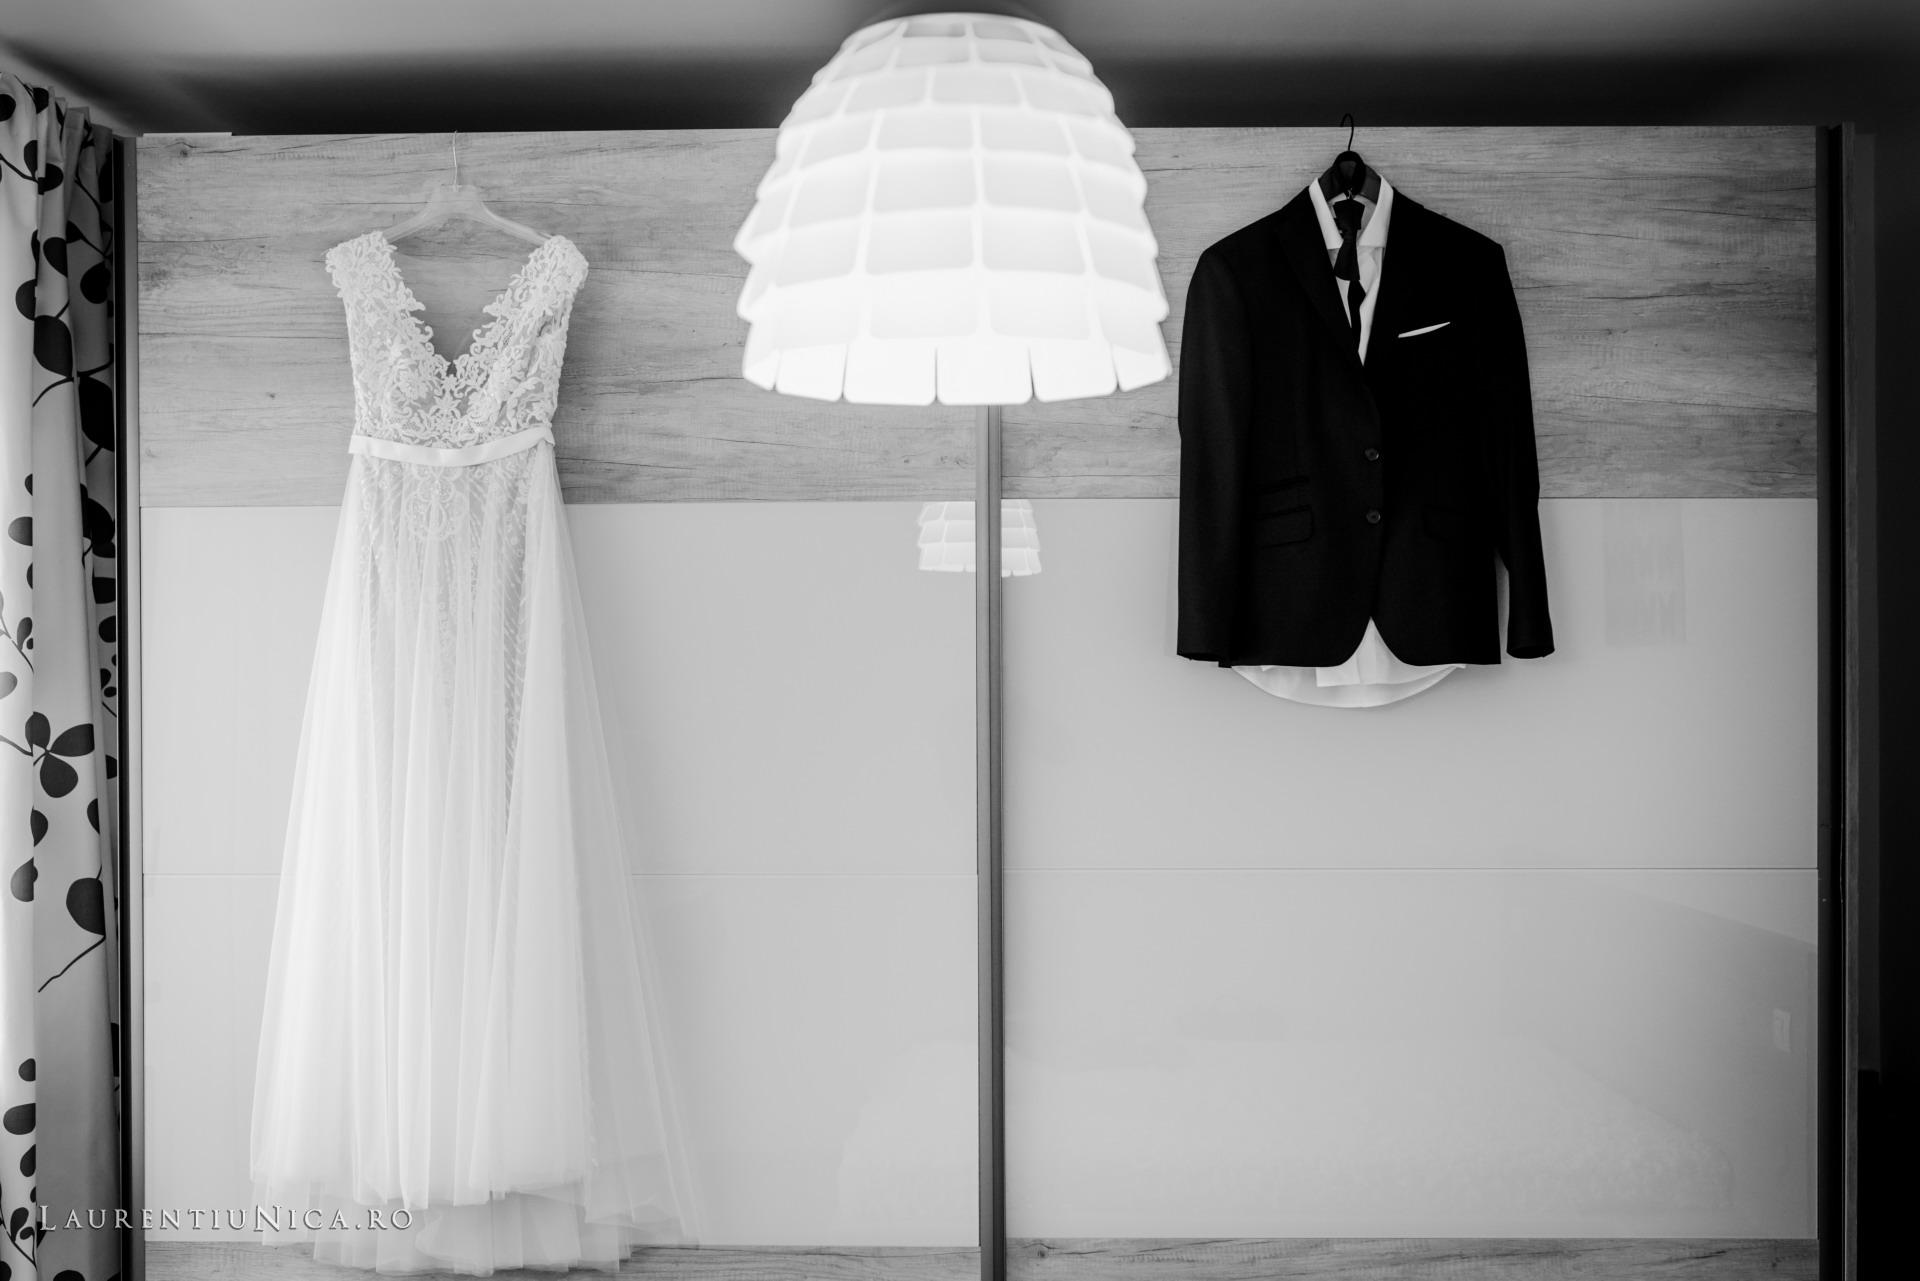 carolina si sorin craiova fotograf nunta laurentiu nica01 - Carolina & Sorin | Fotografii nunta